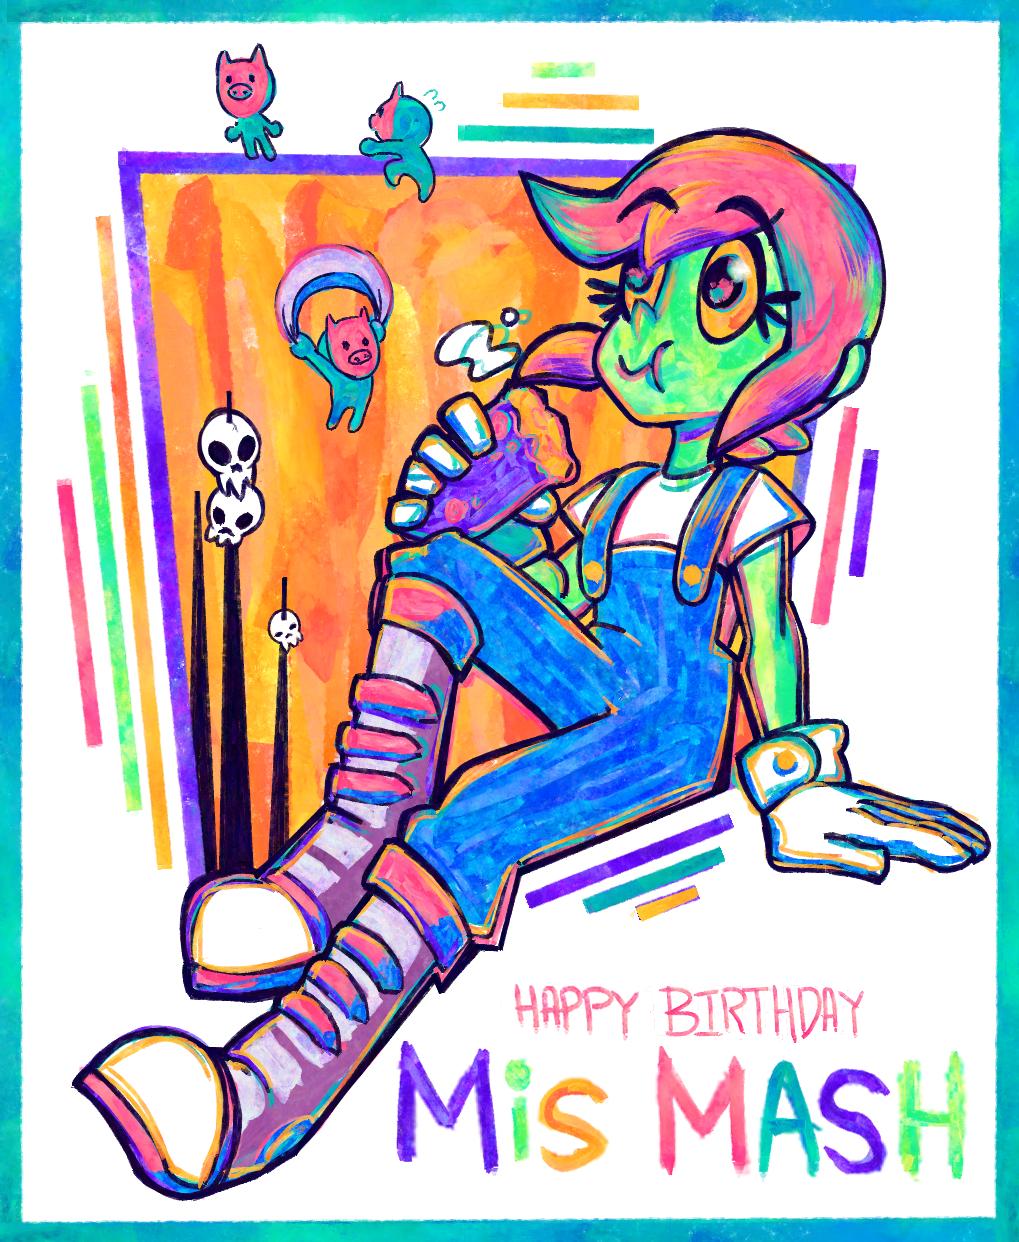 Happy Birthday MISMASH!